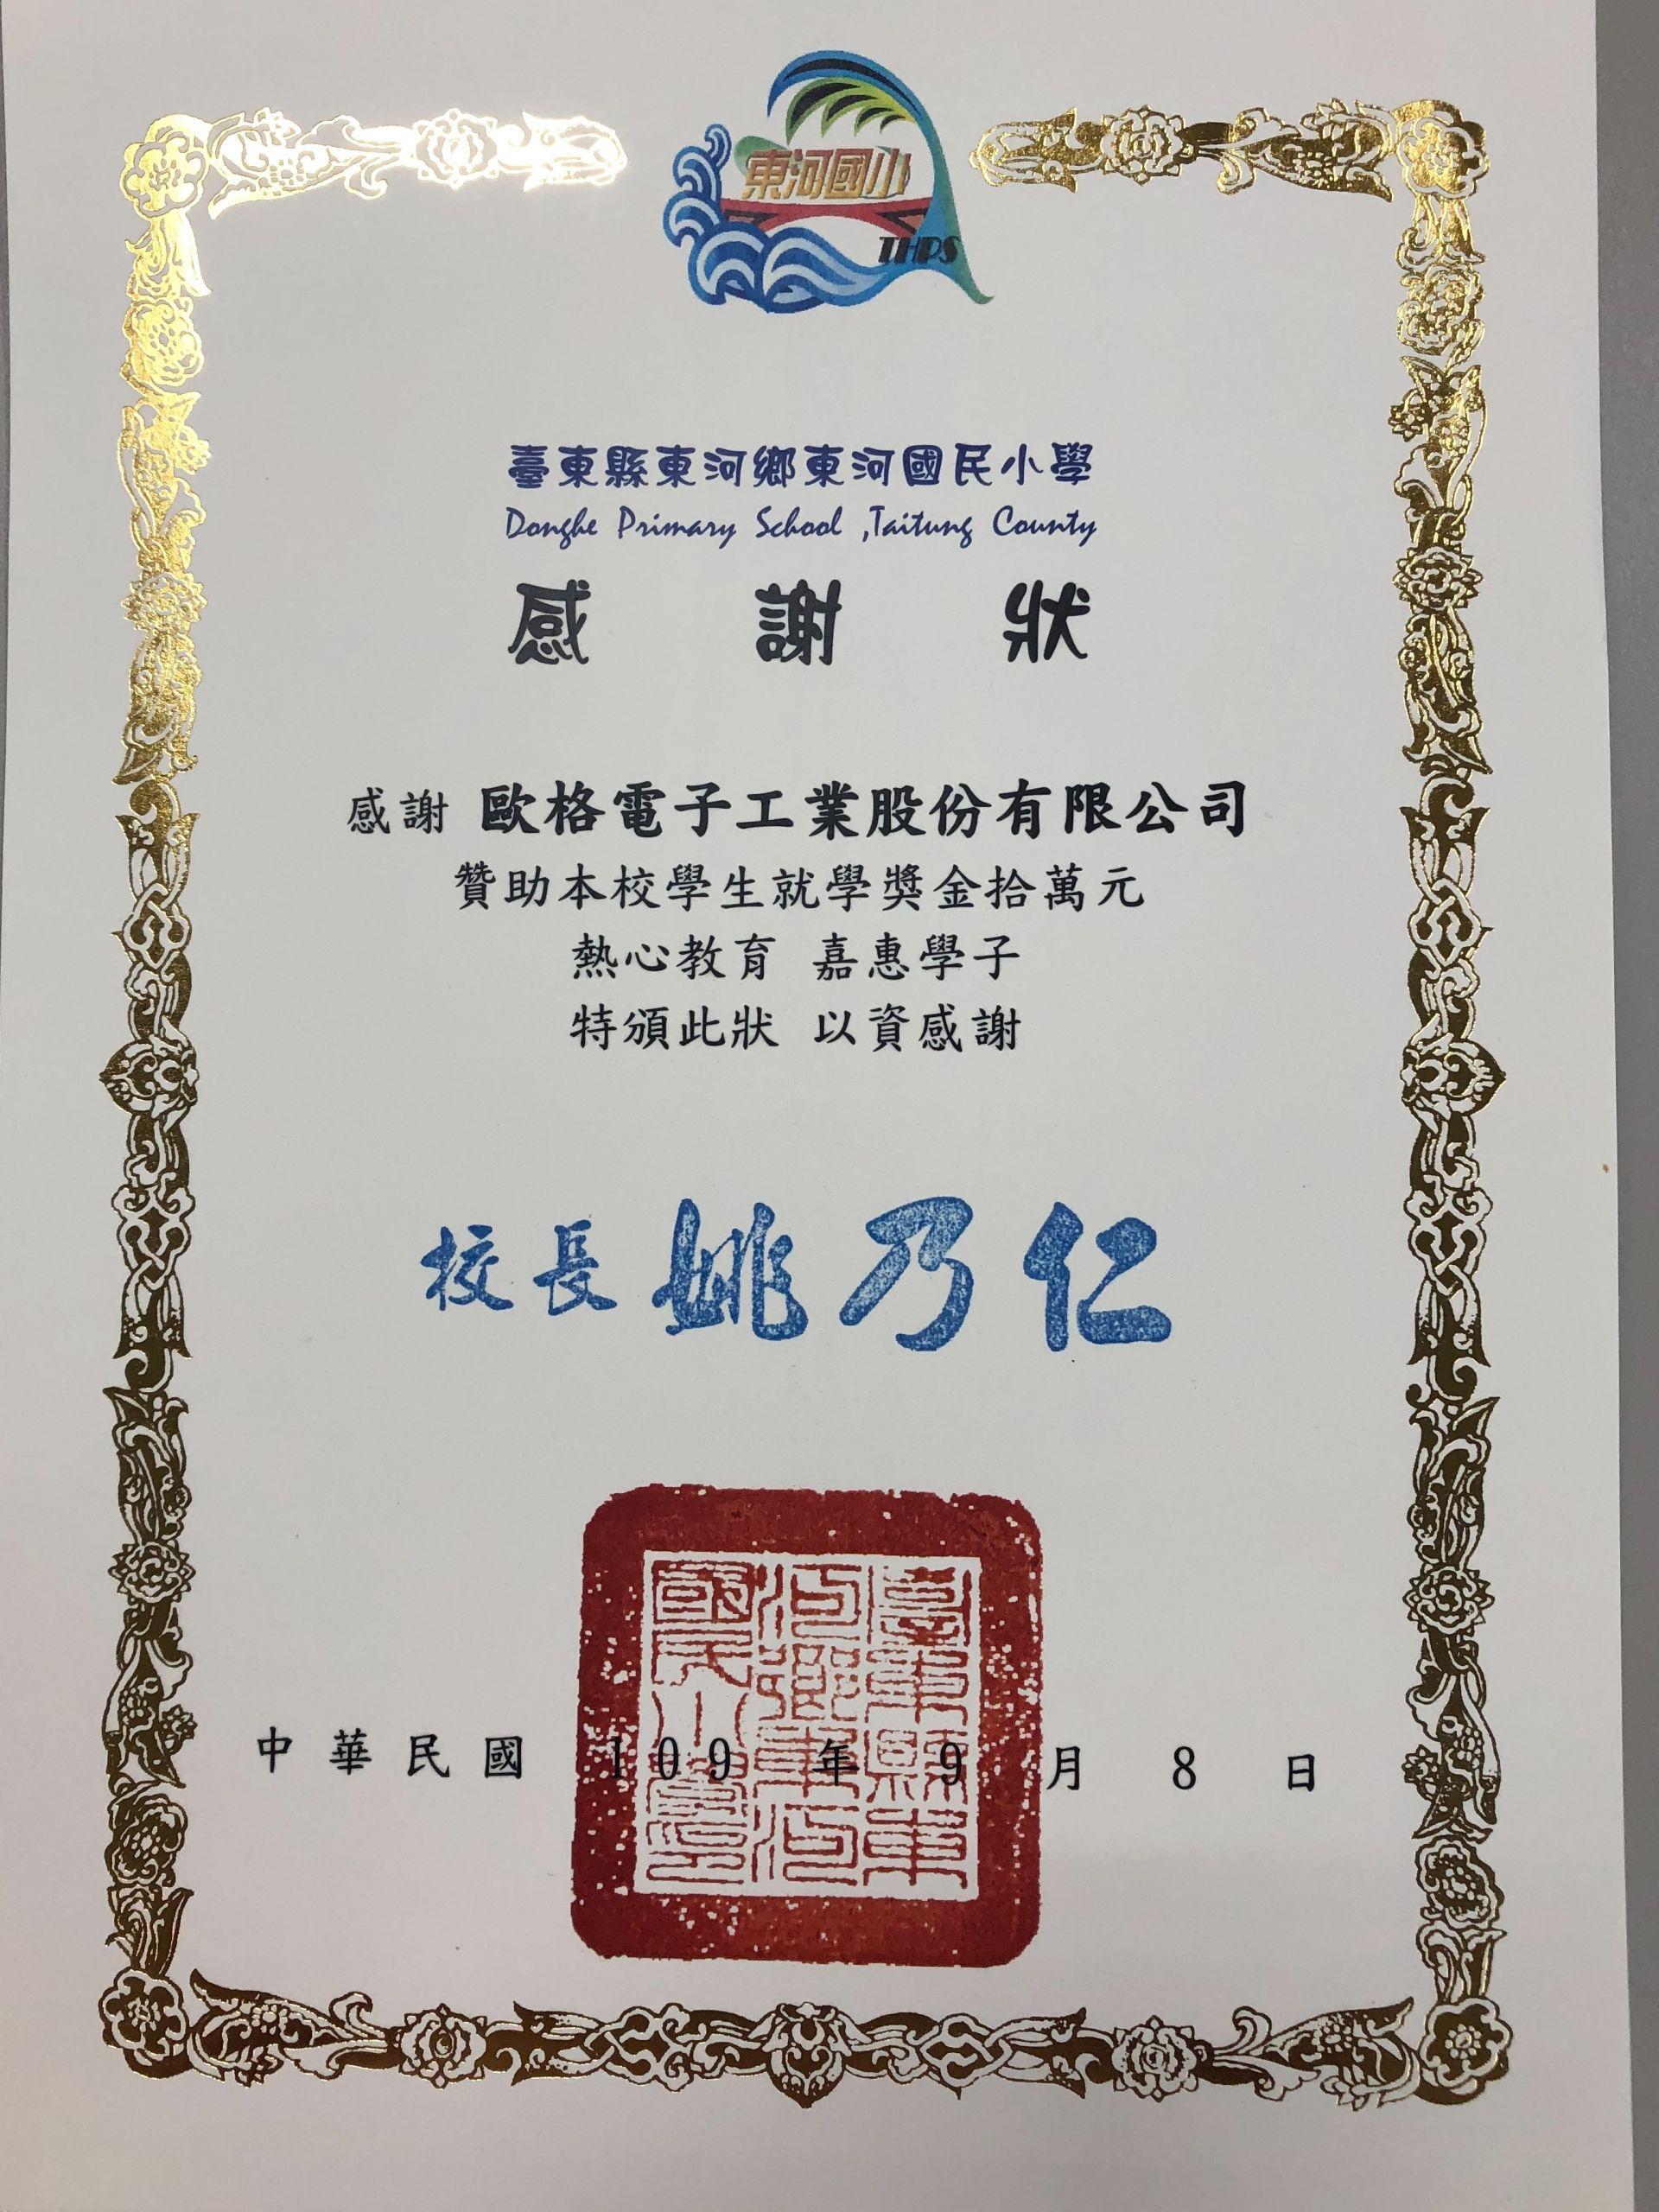 AHOKU trao Chứng nhận Đánh giá cao Học bổng năm 2020 từ Trường Tiểu học Donghe